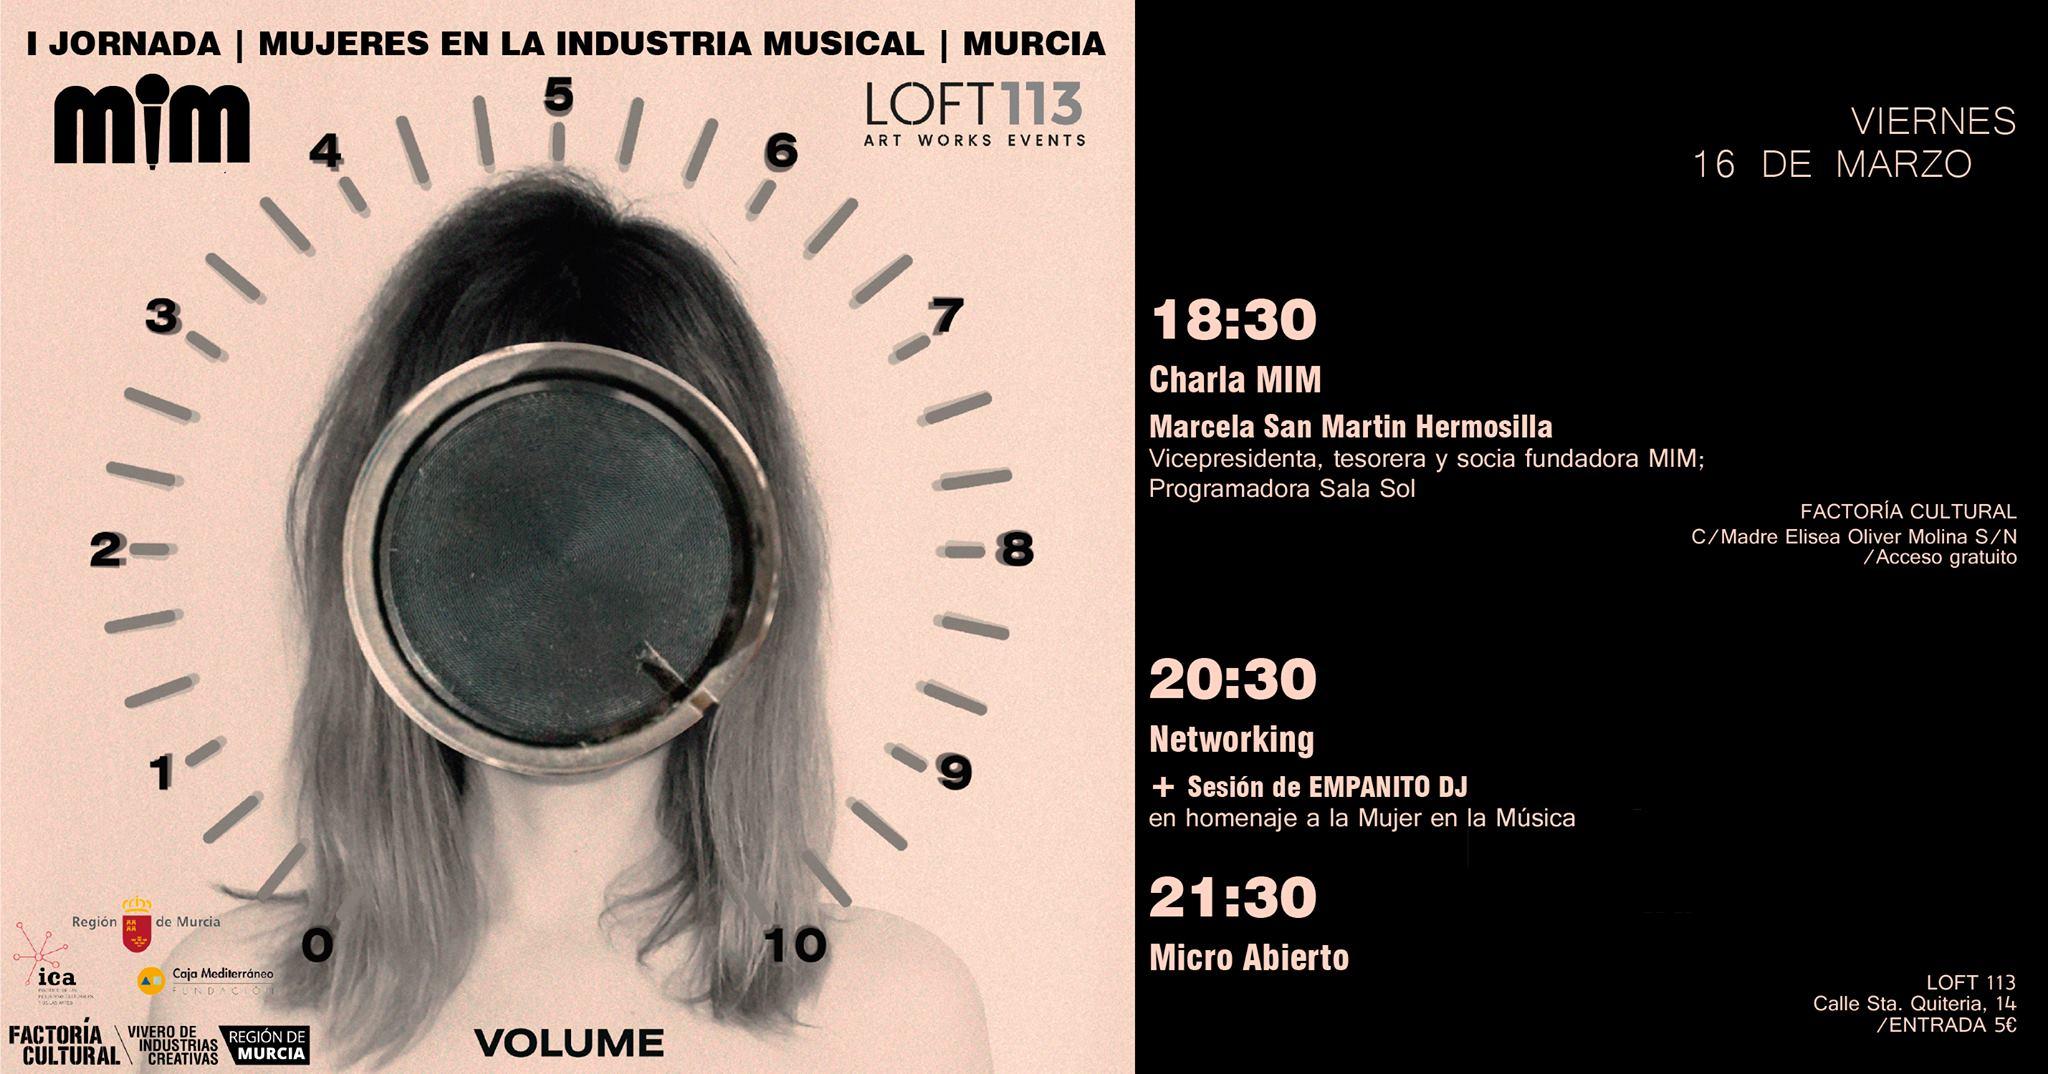 Llega a Murcia la I Jornada sobre Mujeres en la Industria Musical